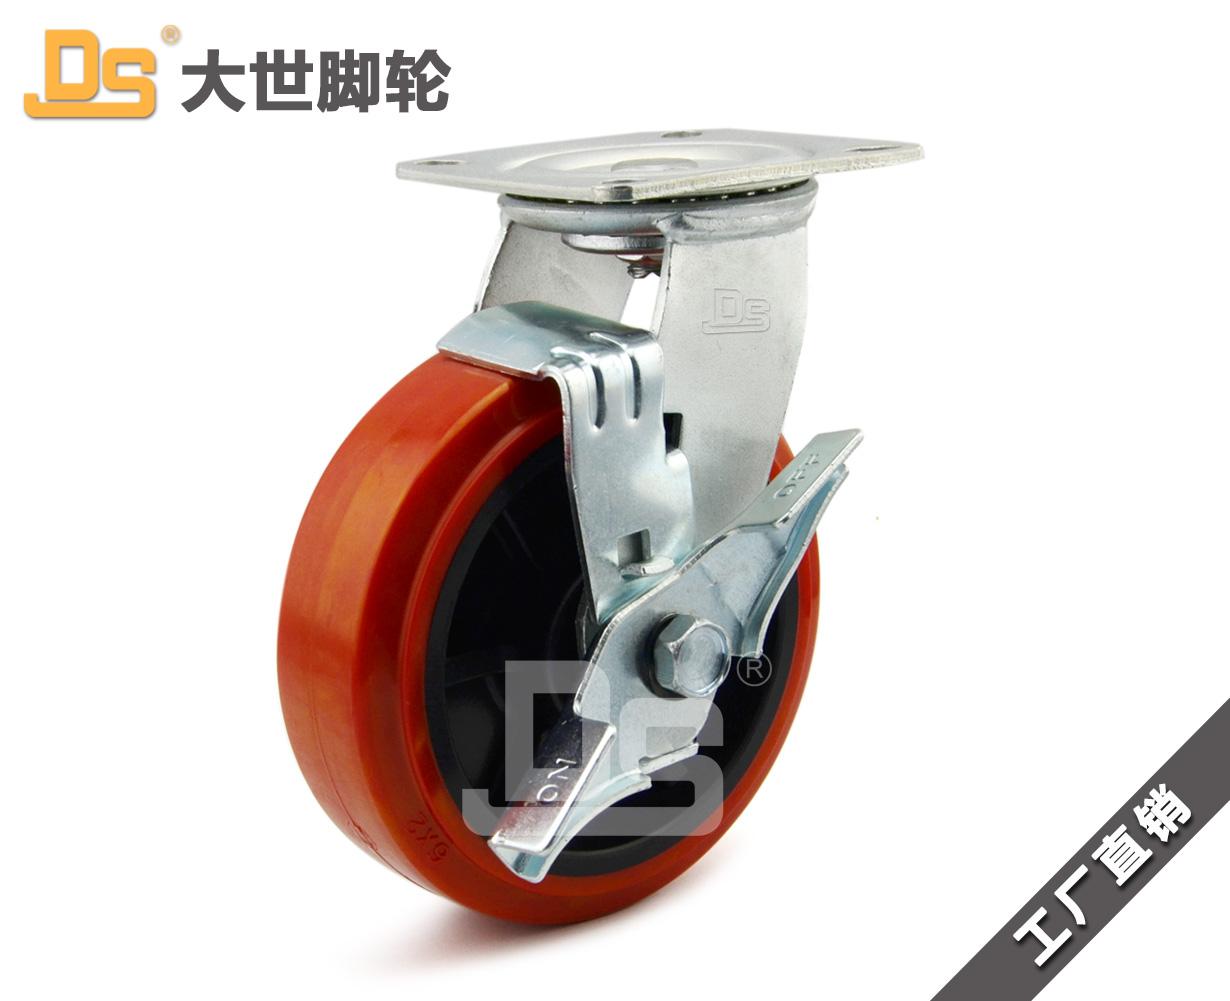 塑料芯pvc脚轮-塑料芯pvc脚轮厂家-塑料芯pvc脚轮价格